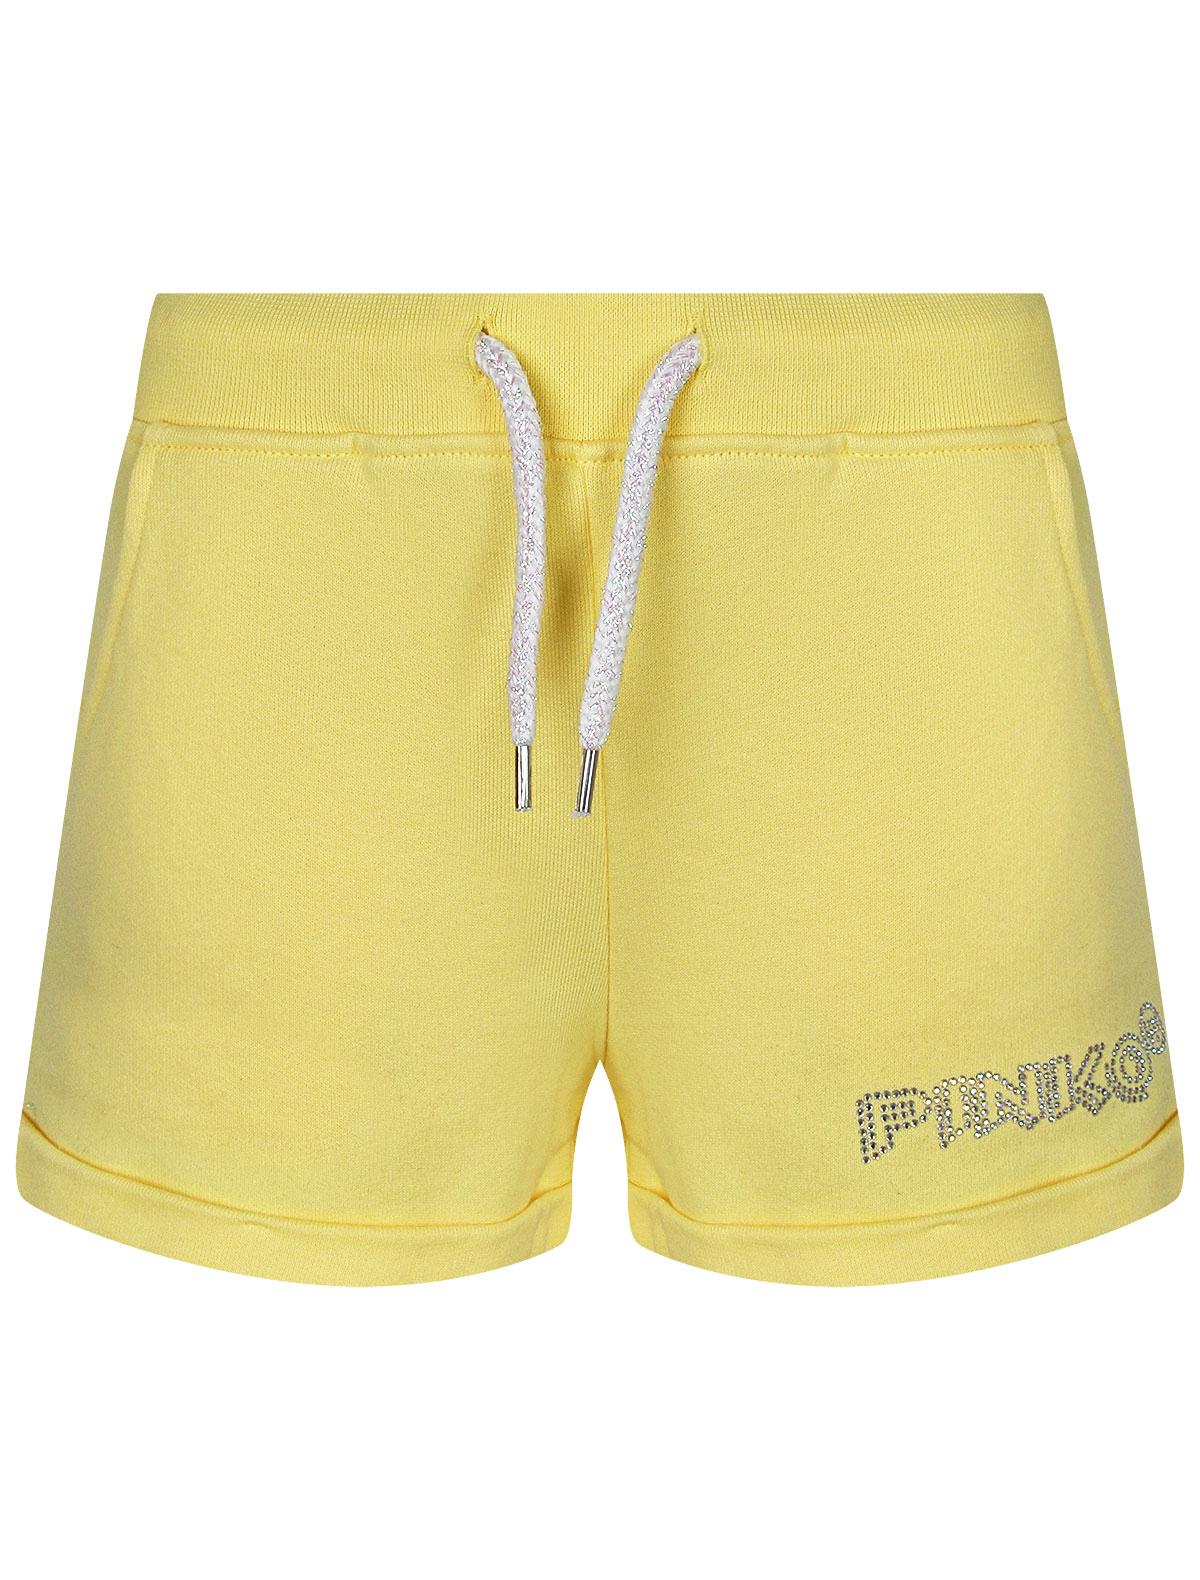 2303700, Шорты Pinko Up, желтый, Женский, 1414509174770  - купить со скидкой